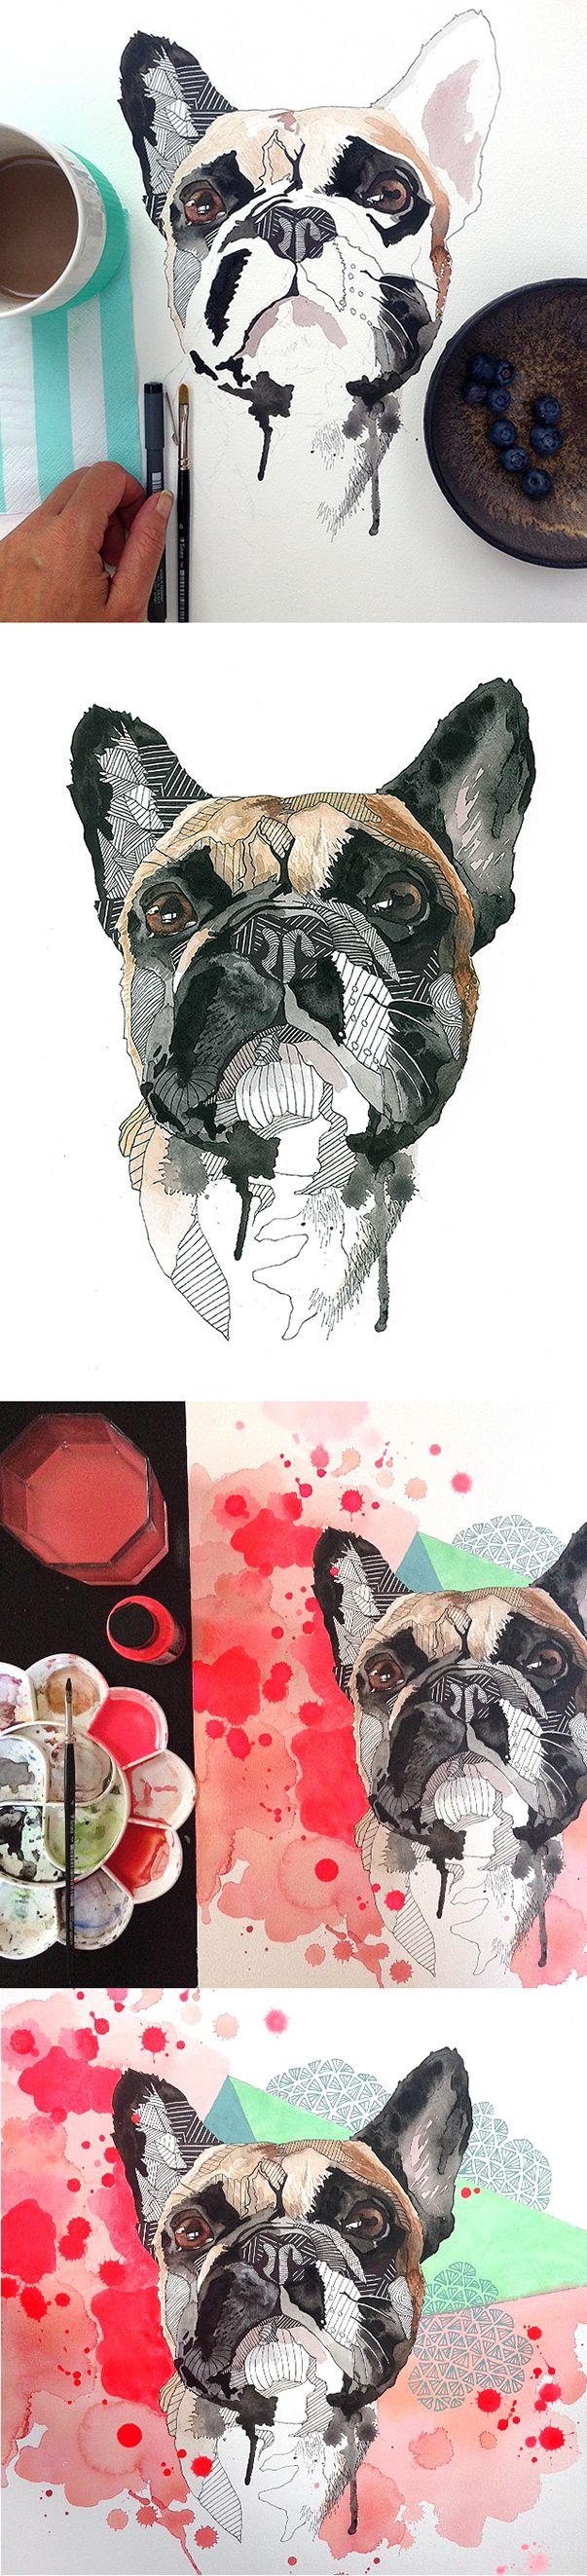 Illustrations and portraits on commission. Bestil dit eget billede, helt som du vil have det. Line Holtegaard